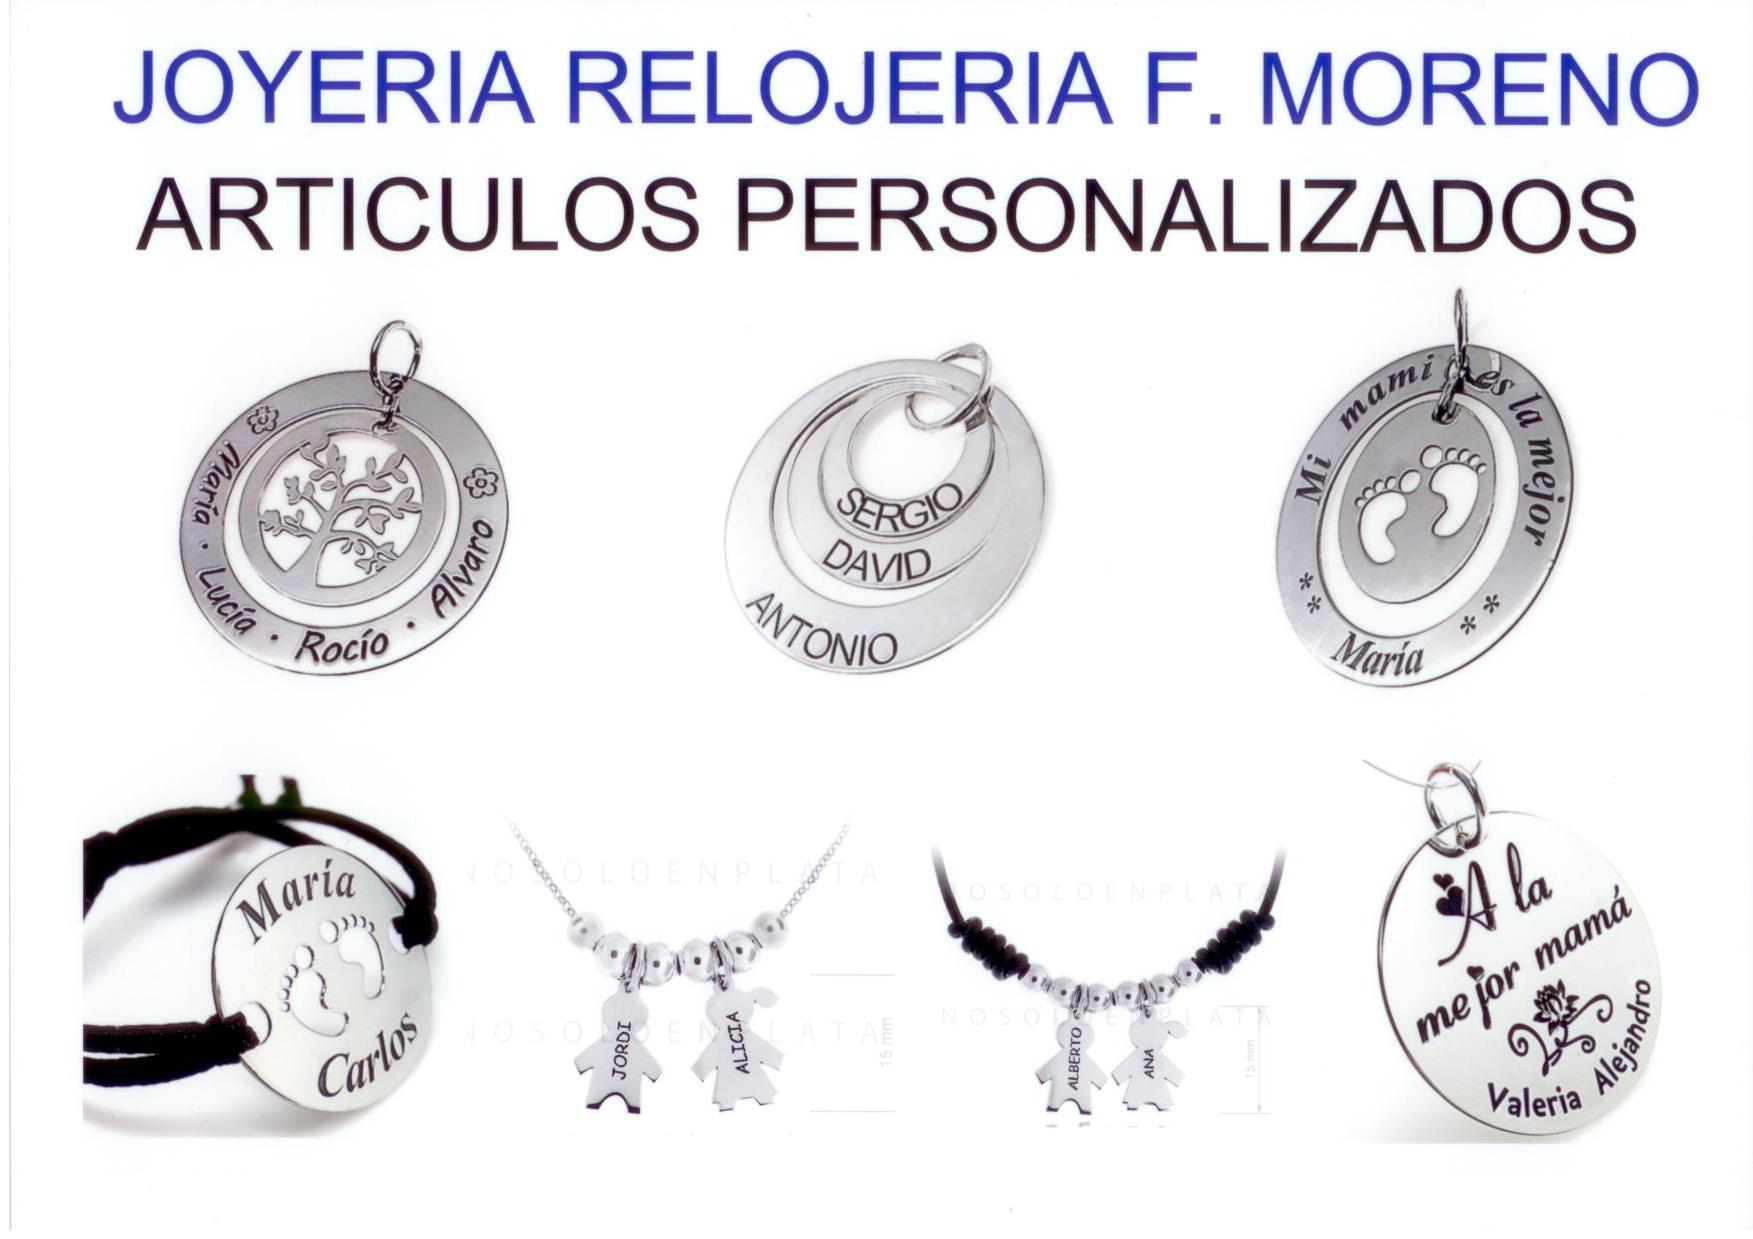 Joyería – Relojería F. Moreno celebra el Día de la Madre en Herencia 5